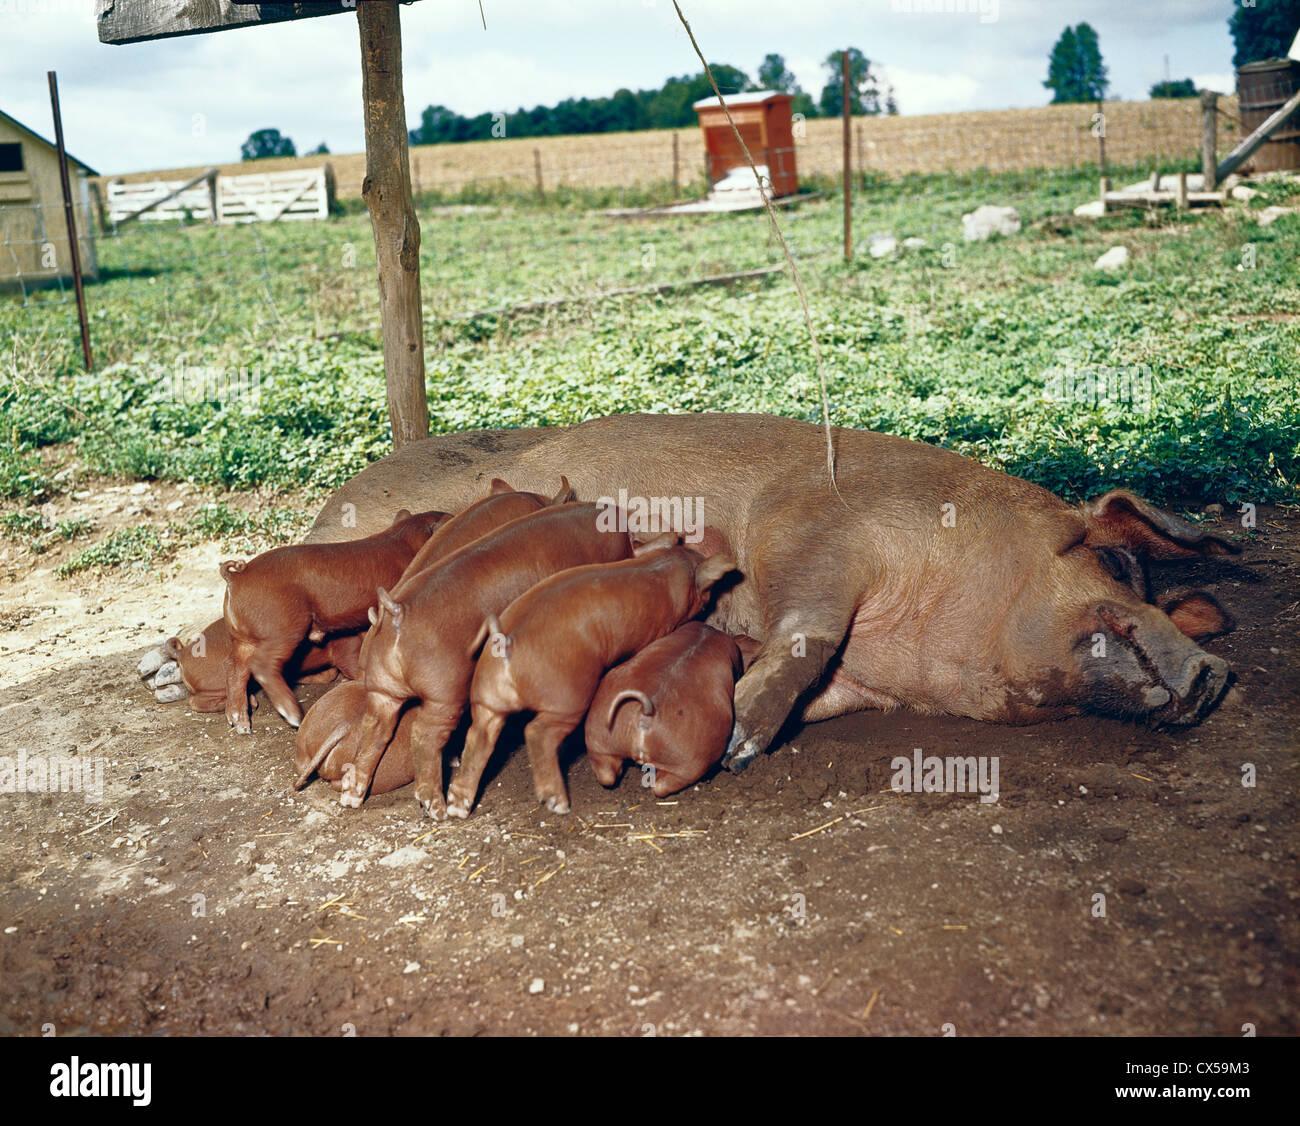 Duroc Pig Stock Photos & Duroc Pig Stock Images